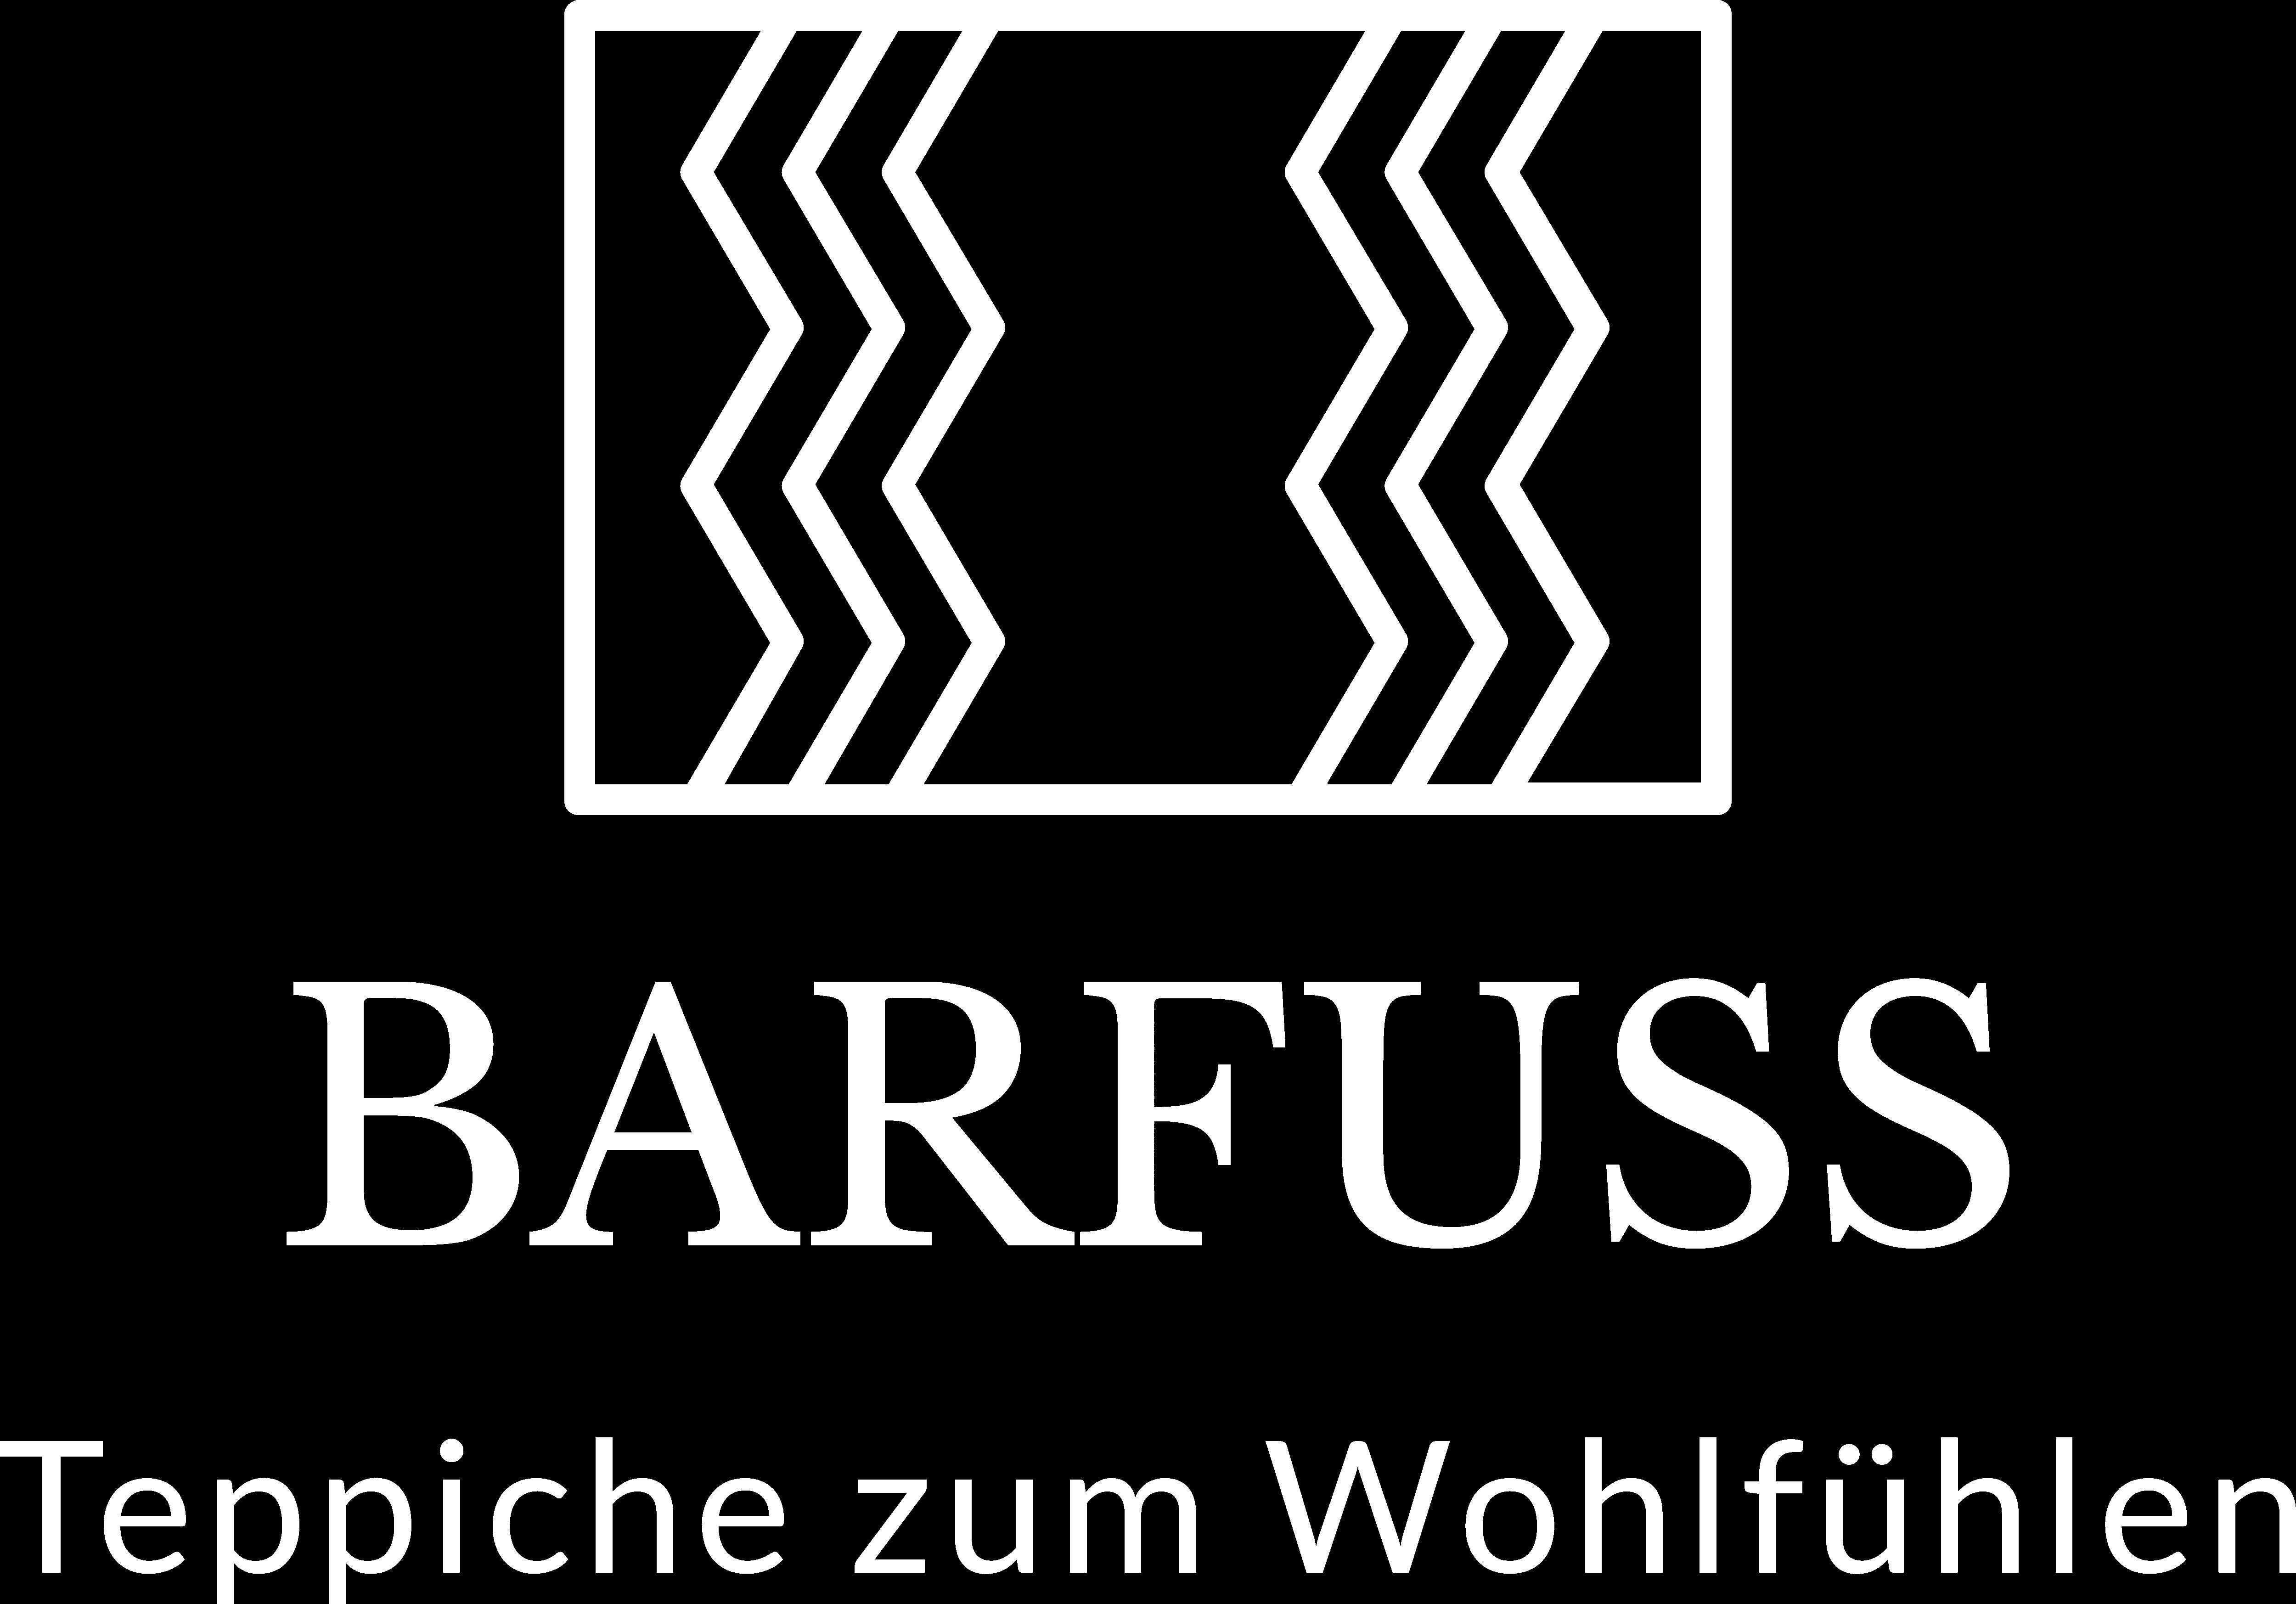 BARFUSS Teppiche zum Wohlfühlen Online-Shop